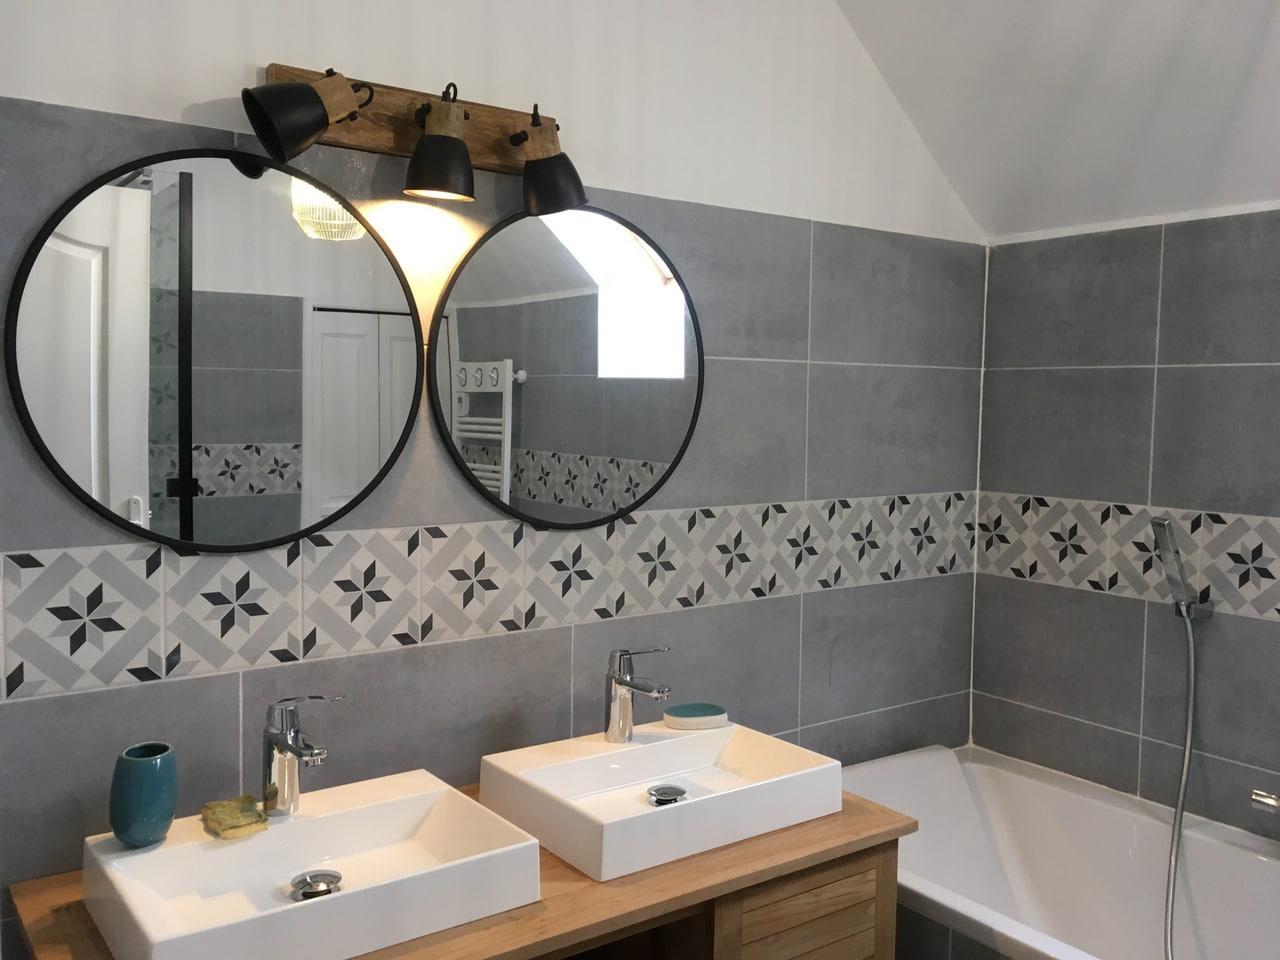 Rénovation d'une salle de bain à Montesson (78)